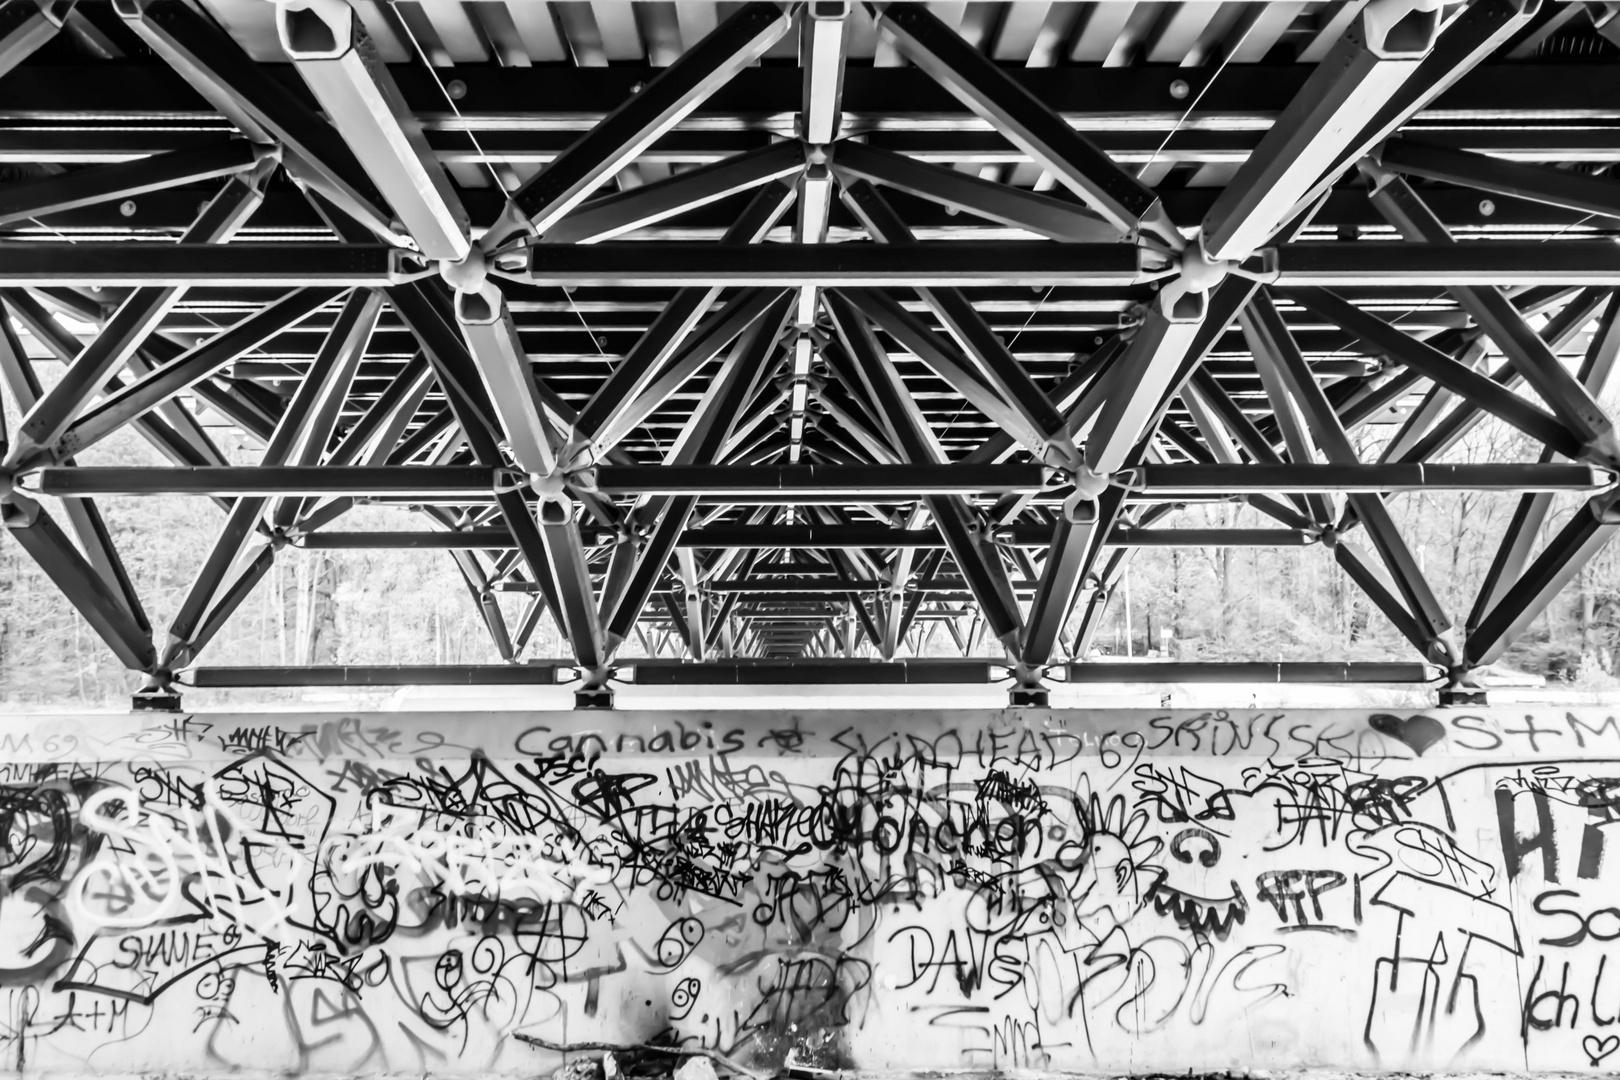 Brücke am Flaucher (Isar/München)